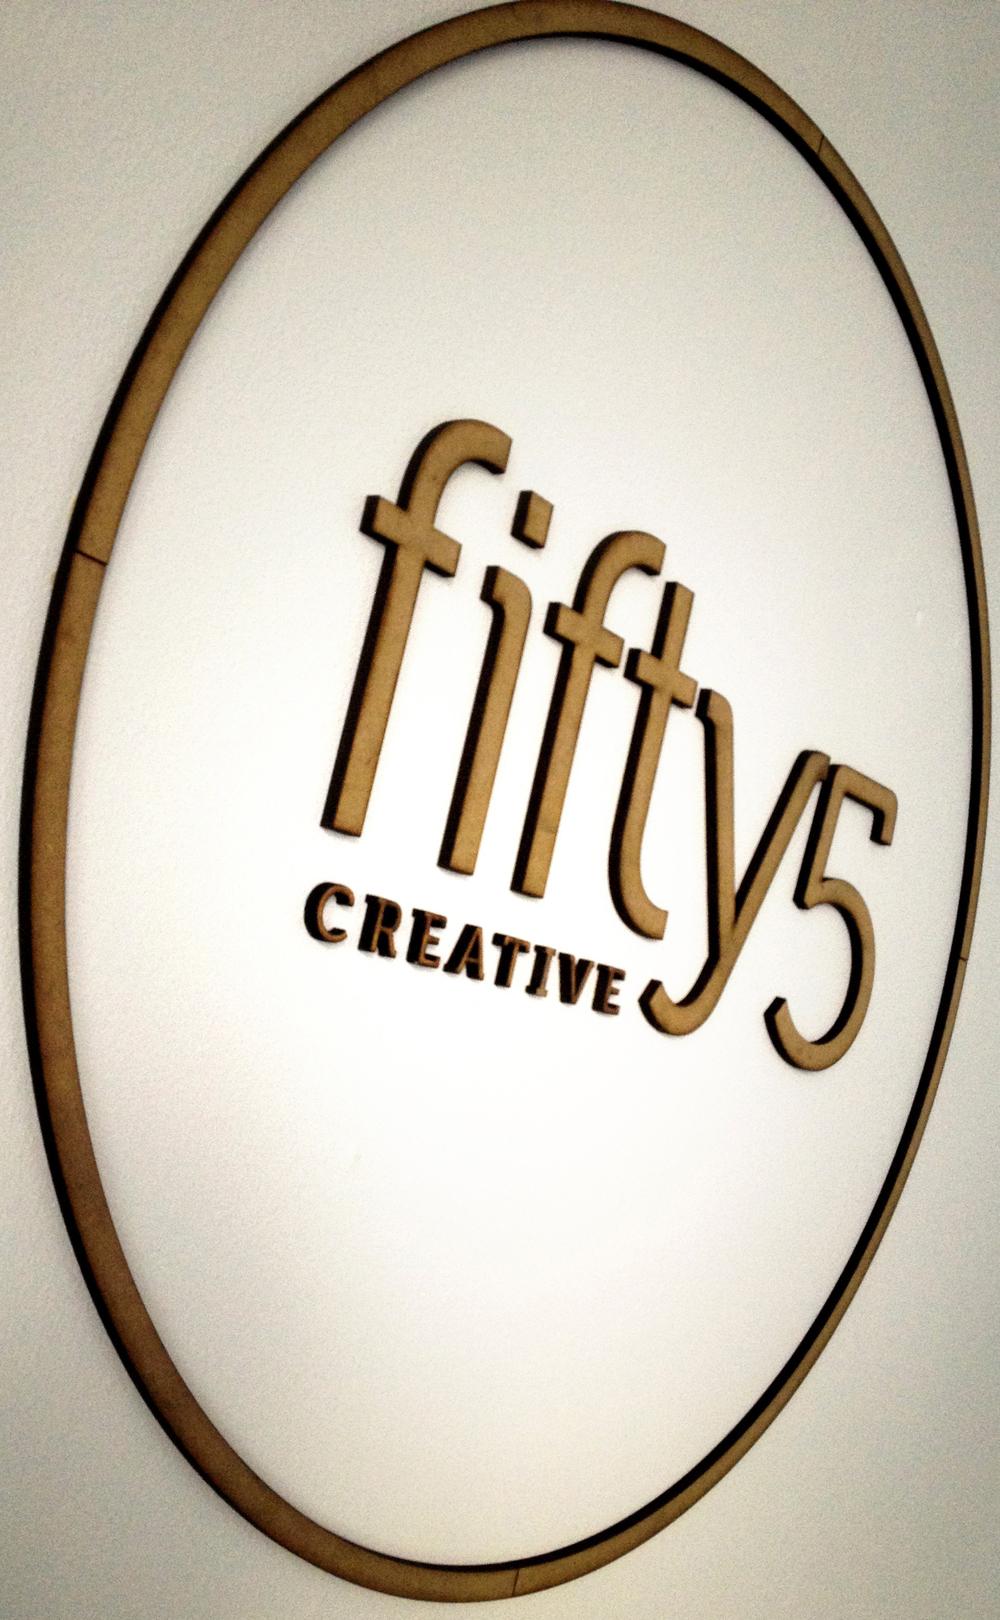 Fifty5 creative media